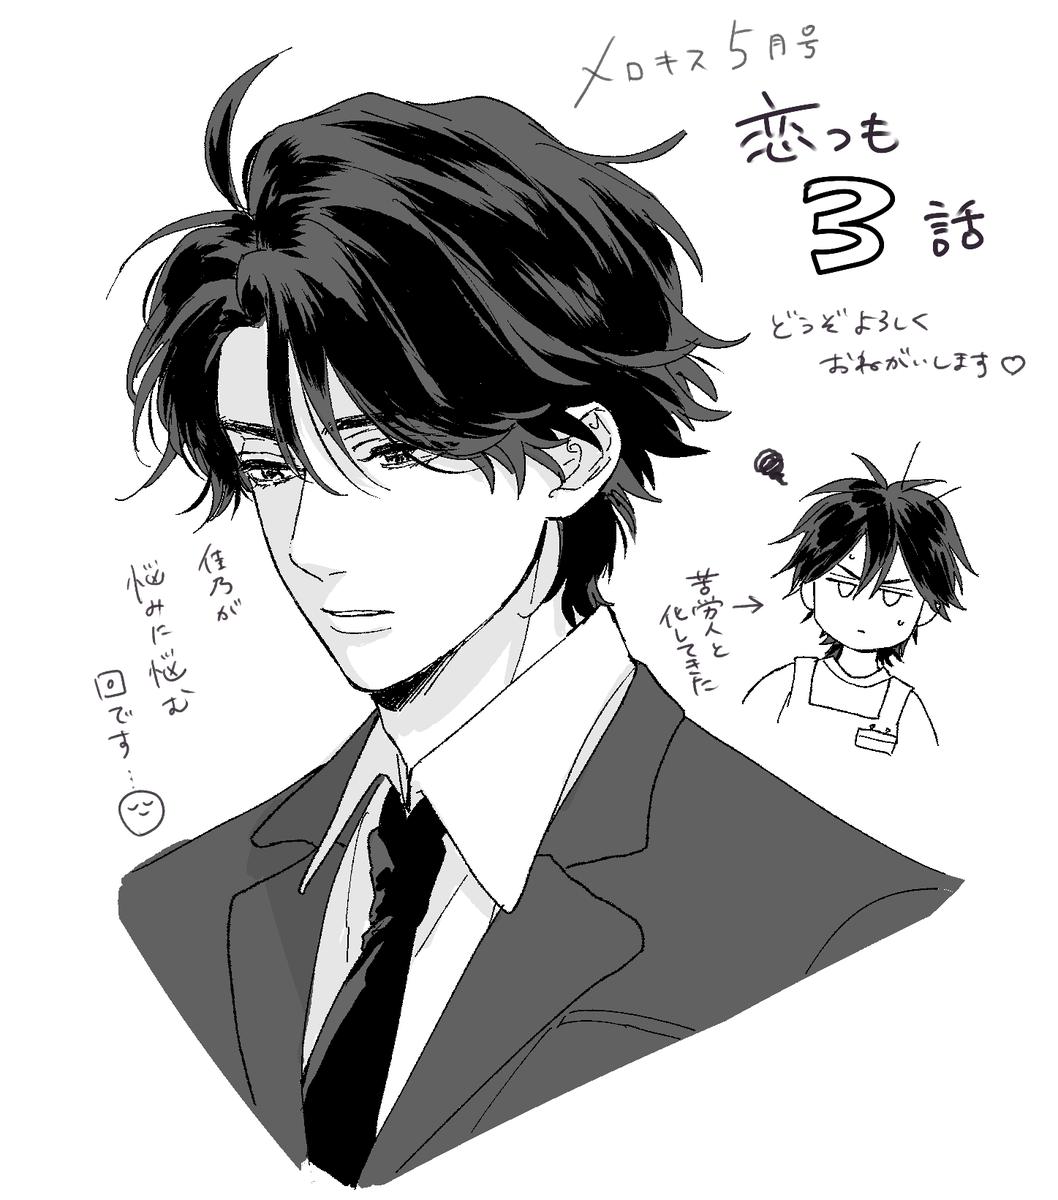 """Ο χρήστης 鈴丸みんた στο Twitter: """"メロキス5月号にて「恋をする ..."""